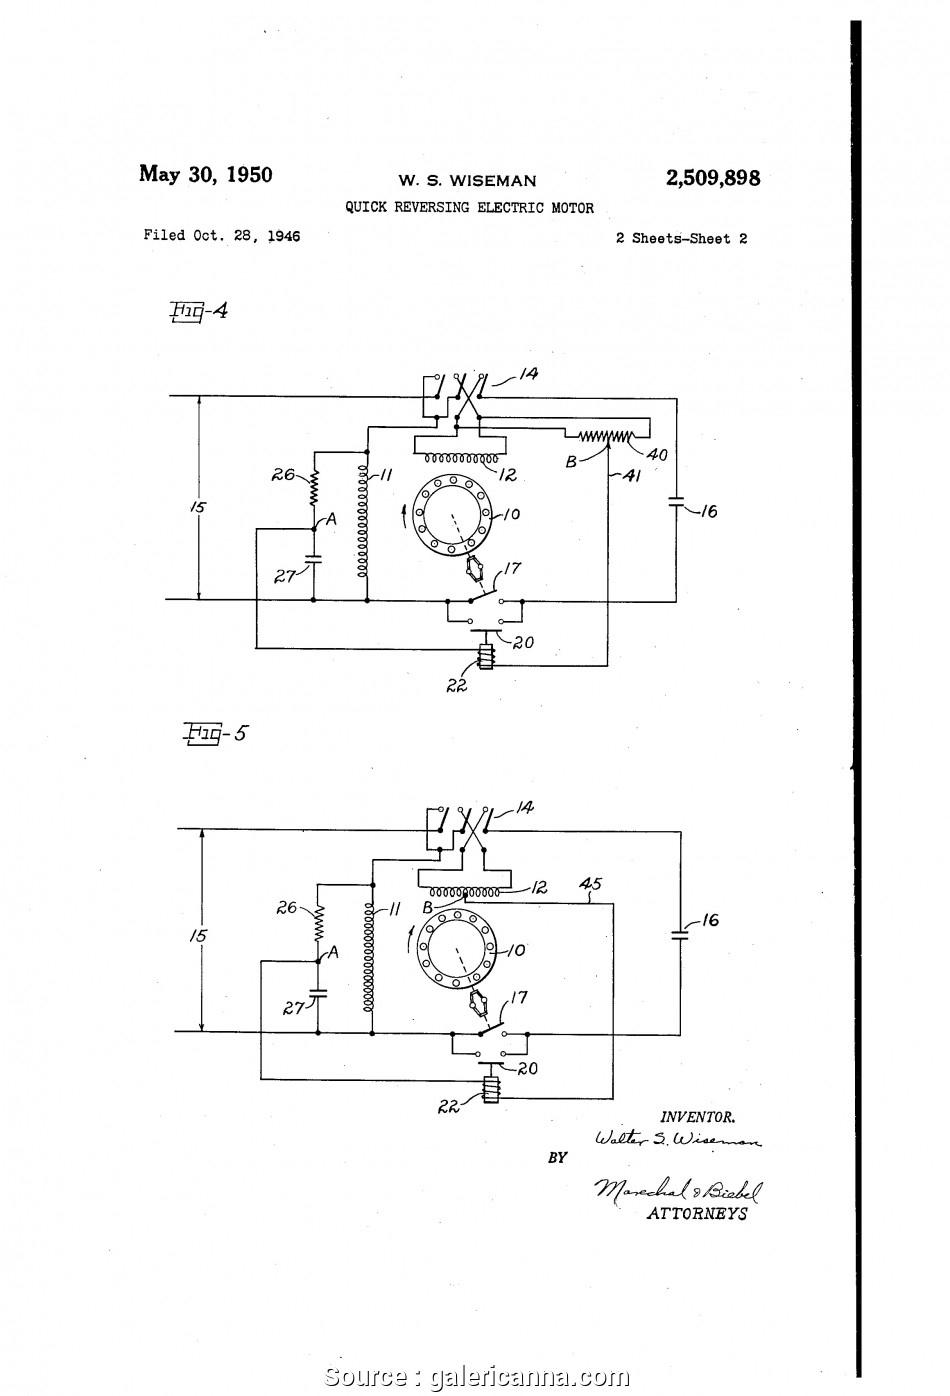 220 Single Phase Us Wiring Diagram | Wiring Diagram - 220V Single Phase Motor Wiring Diagram